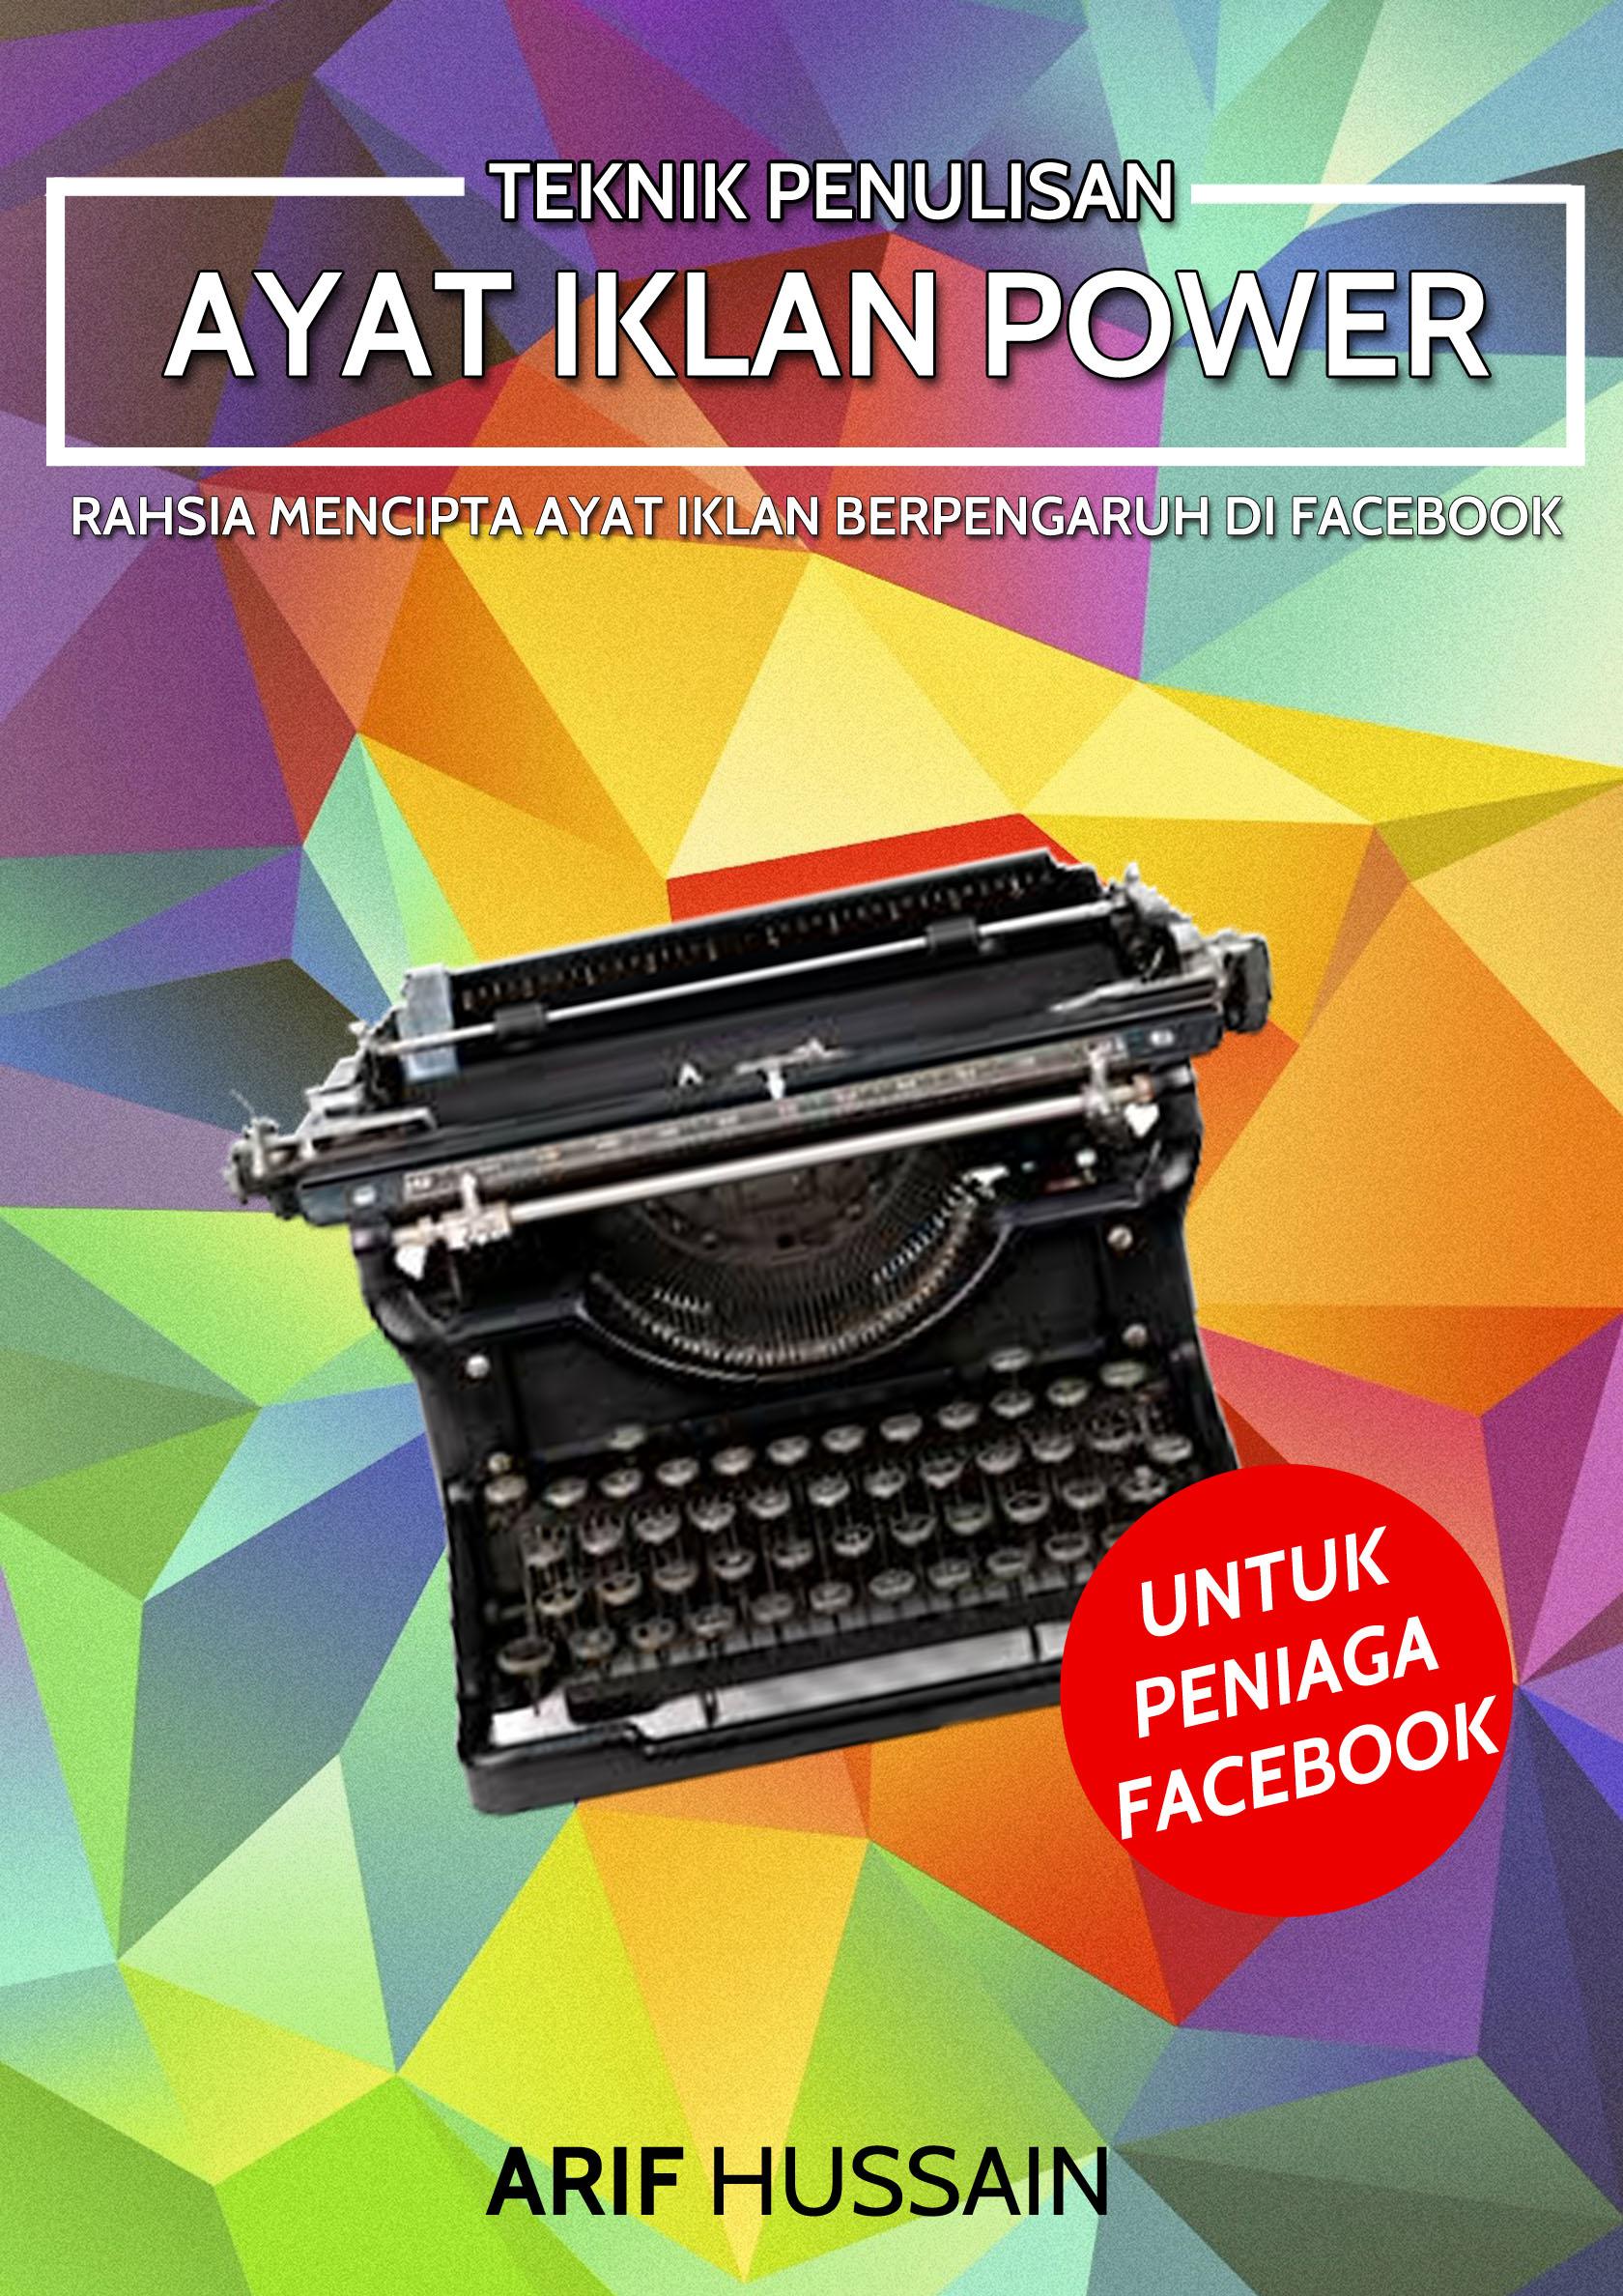 Langkah-langkah Penulisan Iklan : langkah-langkah, penulisan, iklan, Teknik, Penulisan, Iklan, Power, Arifbinhussain